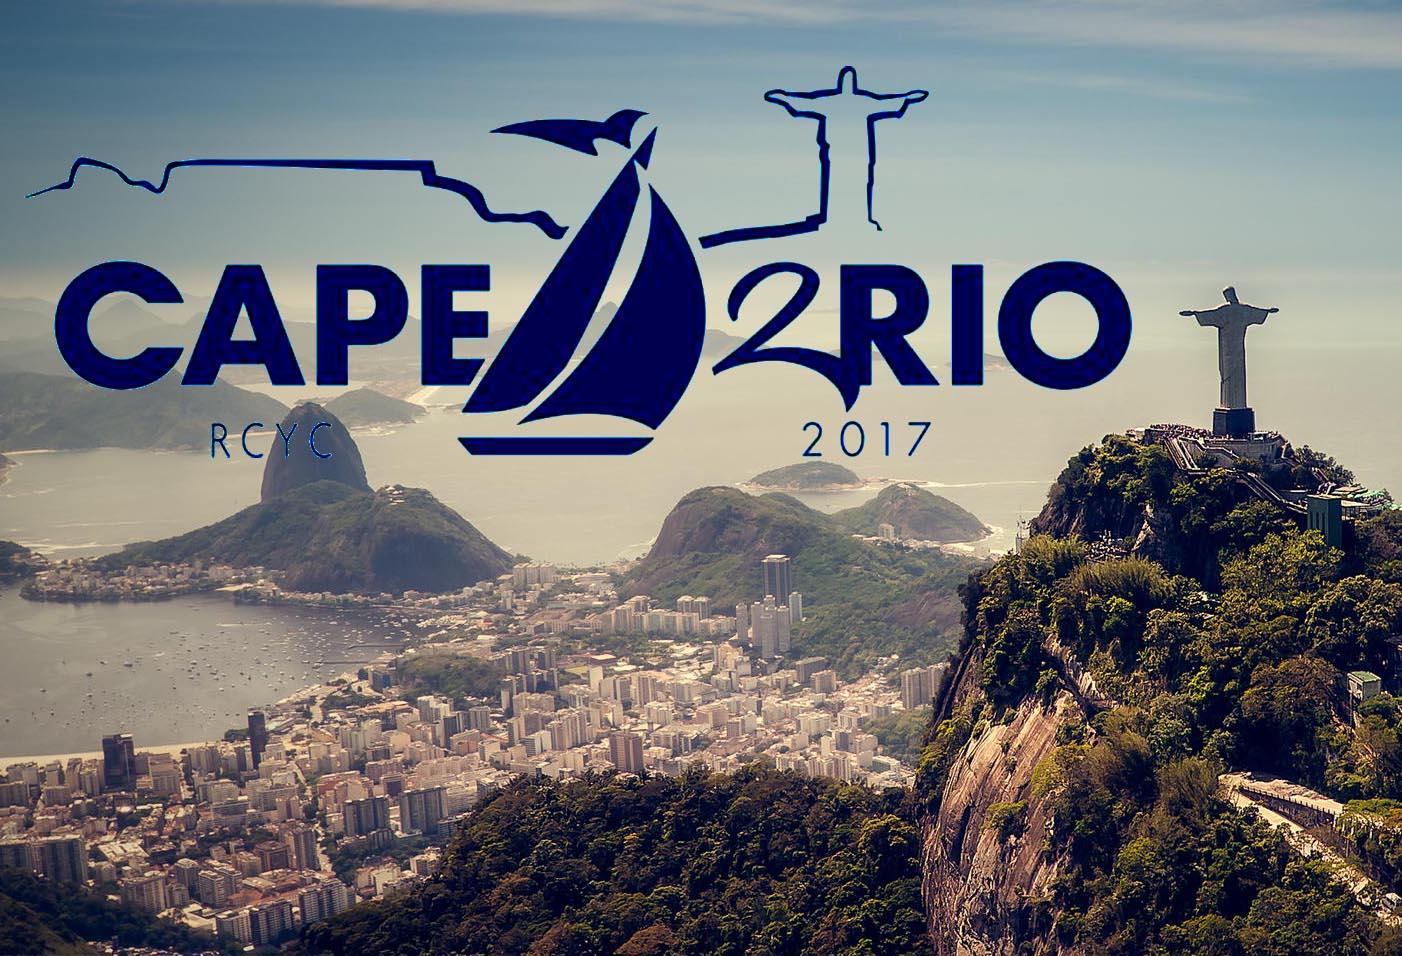 Cape2rio Newsltter